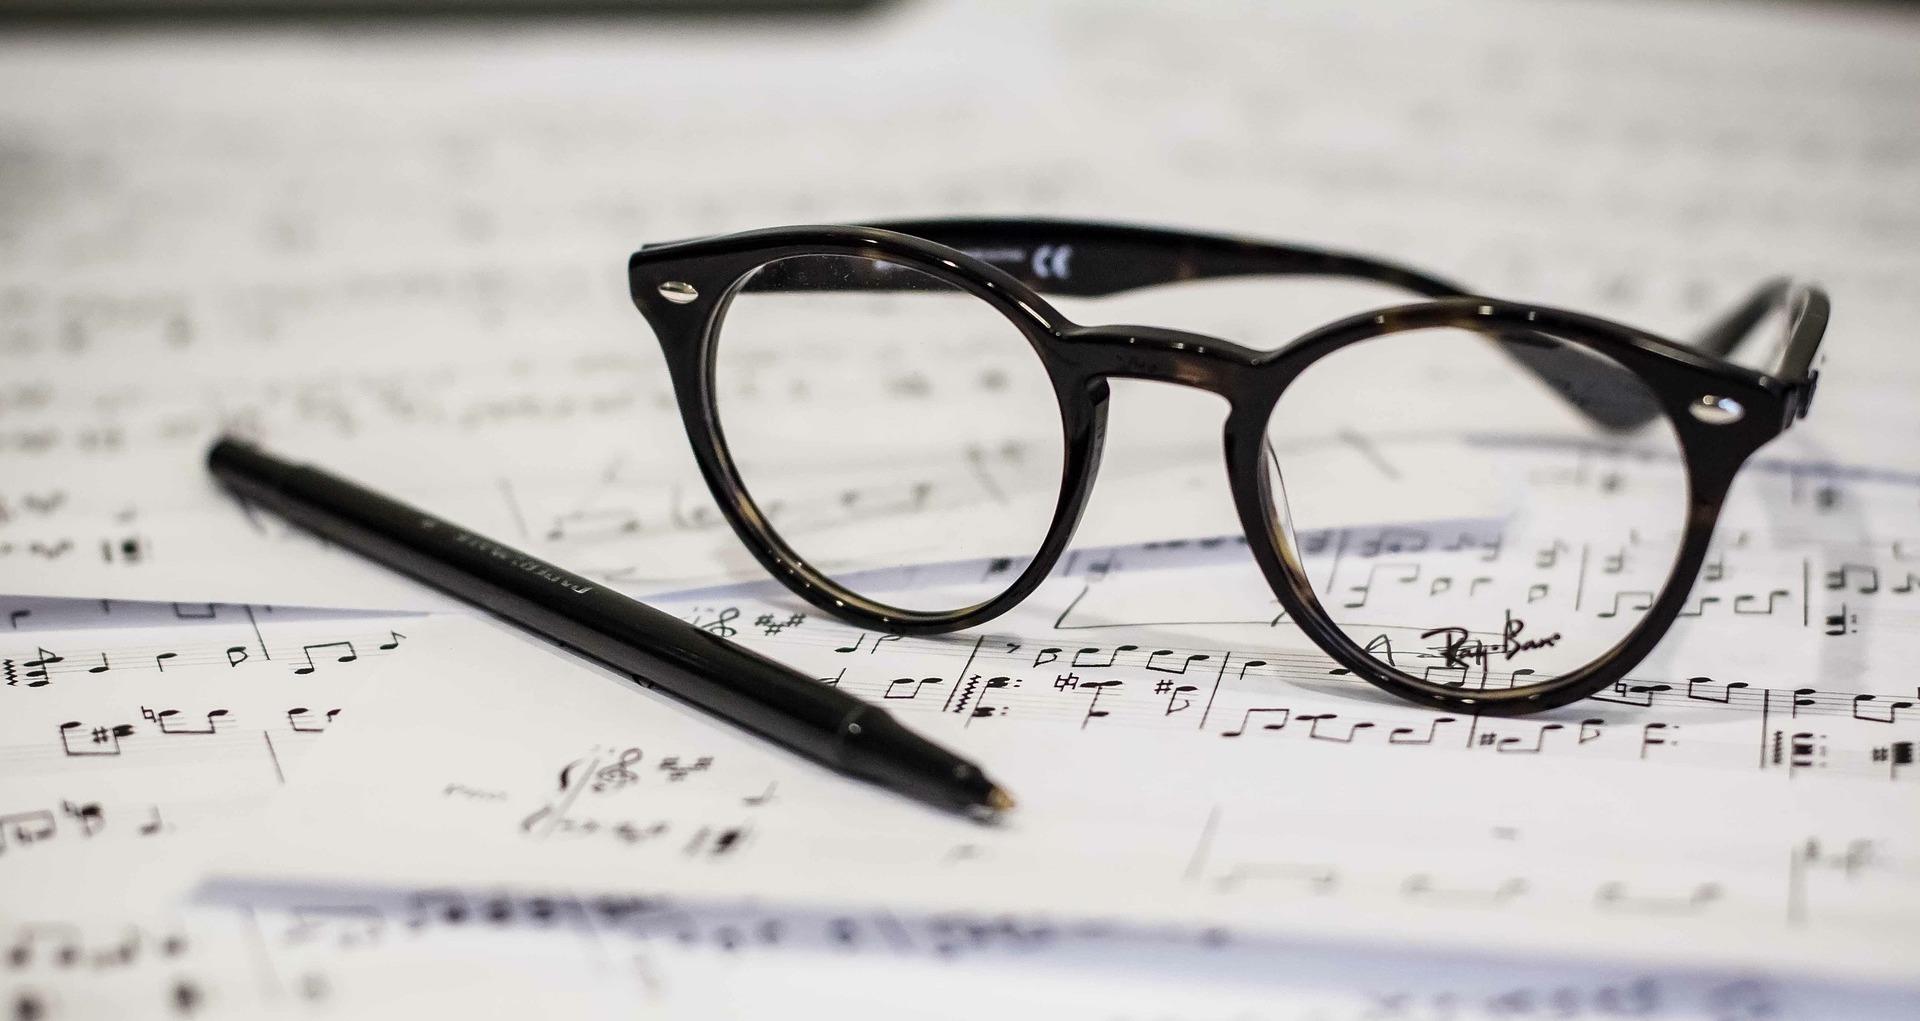 Filmmusik komponieren lernen